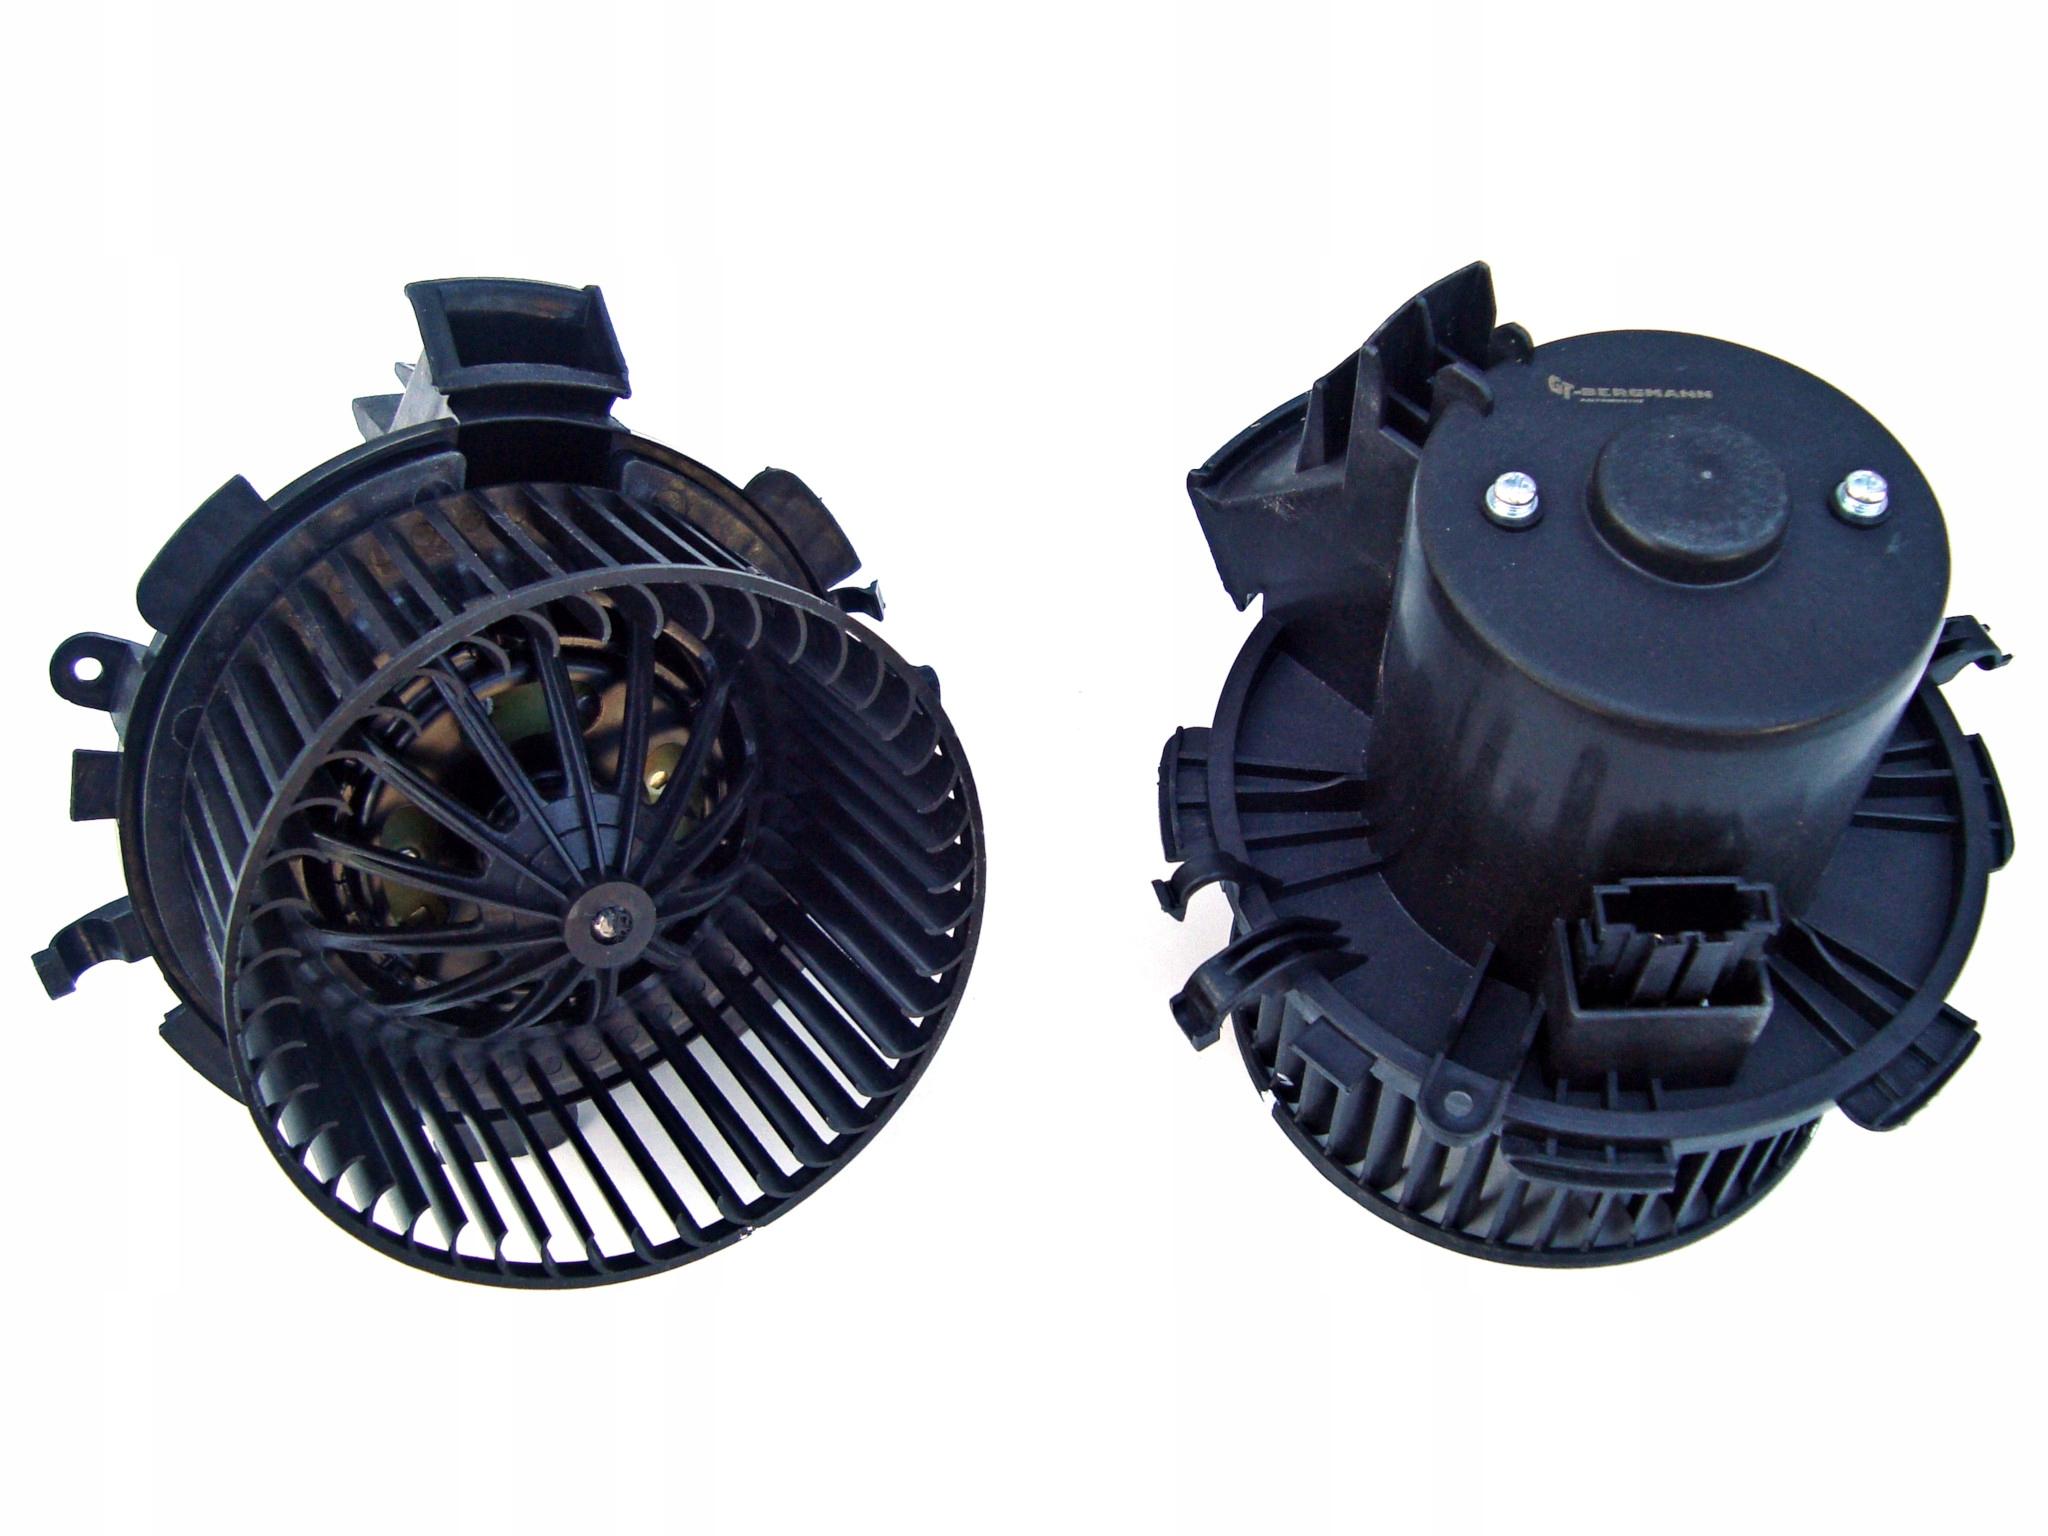 вентилятор интерьер renault master ii movano 25dci